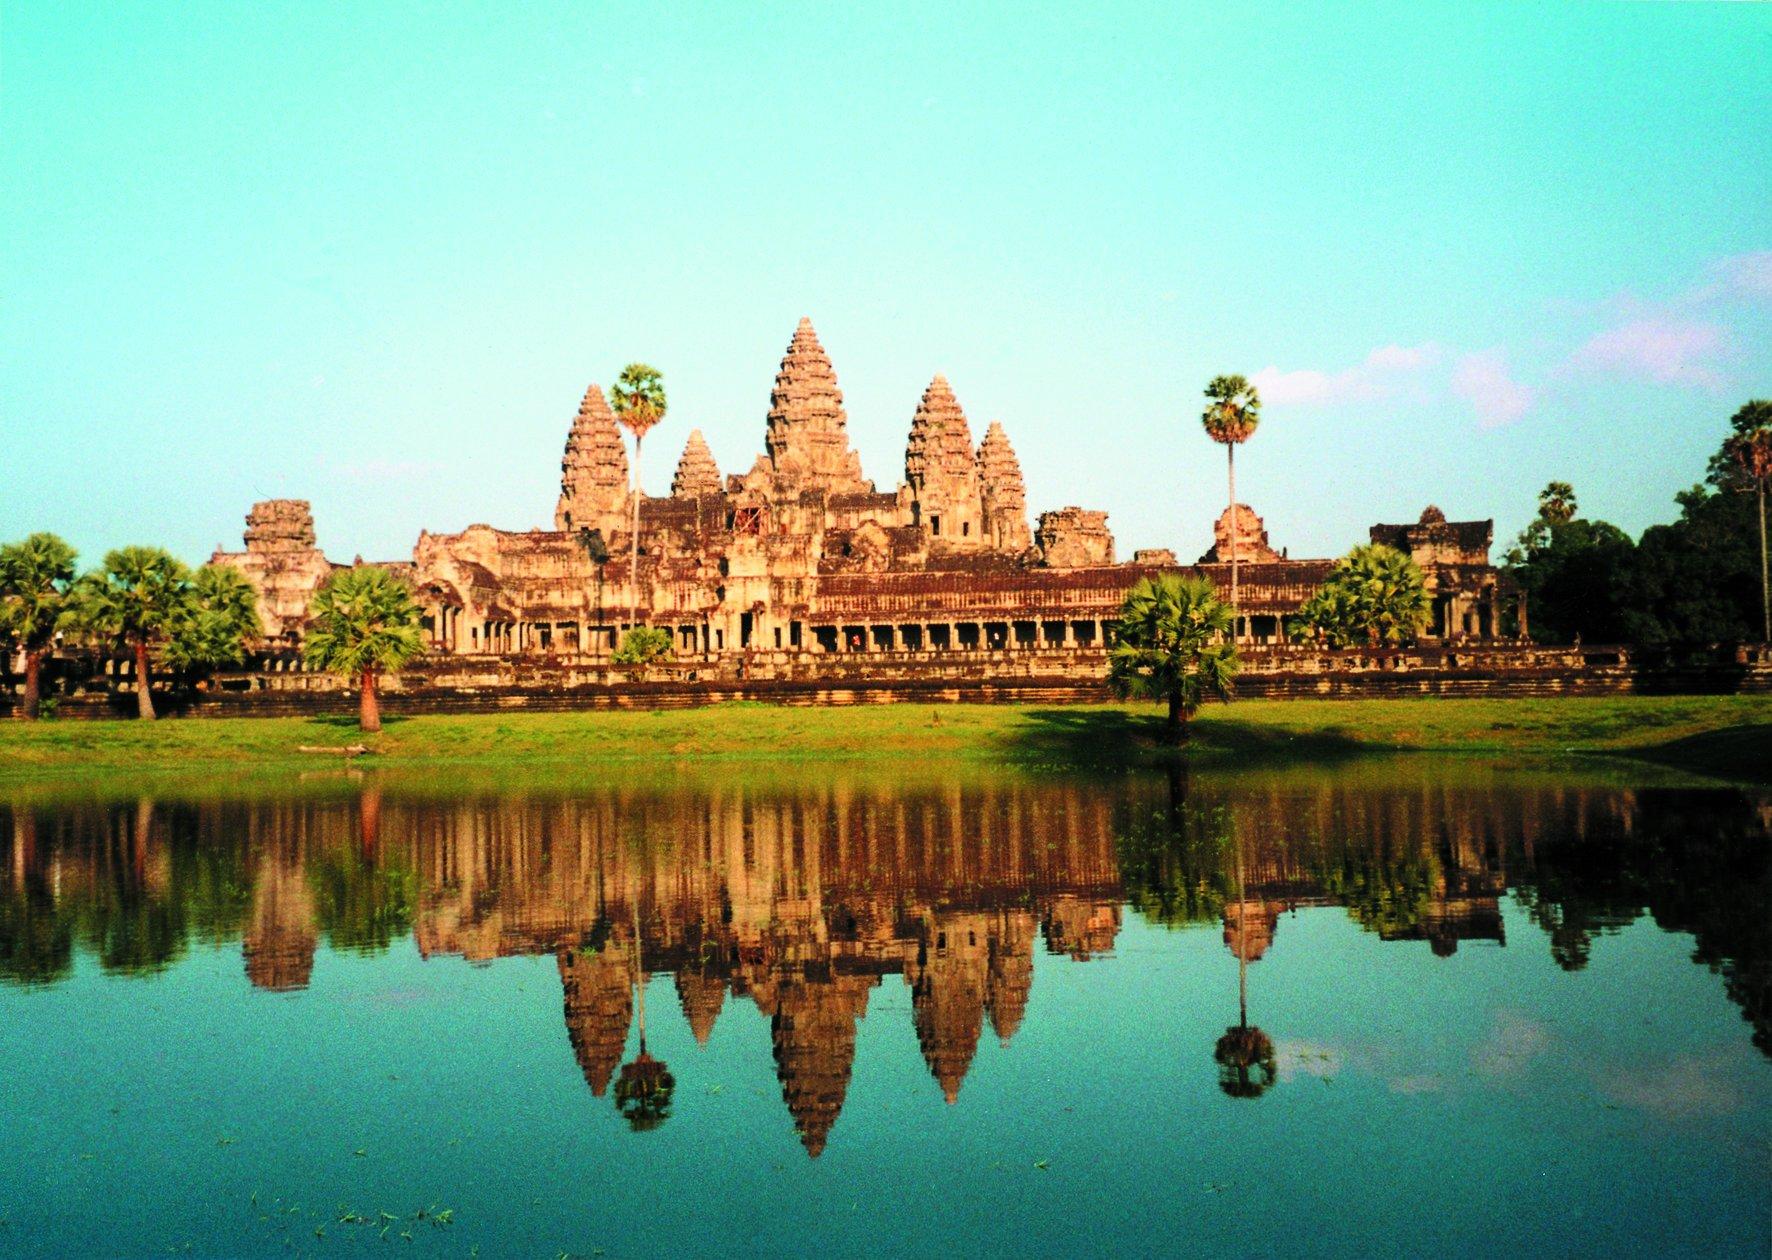 Angkor_from_Lake-1430240515.jpg